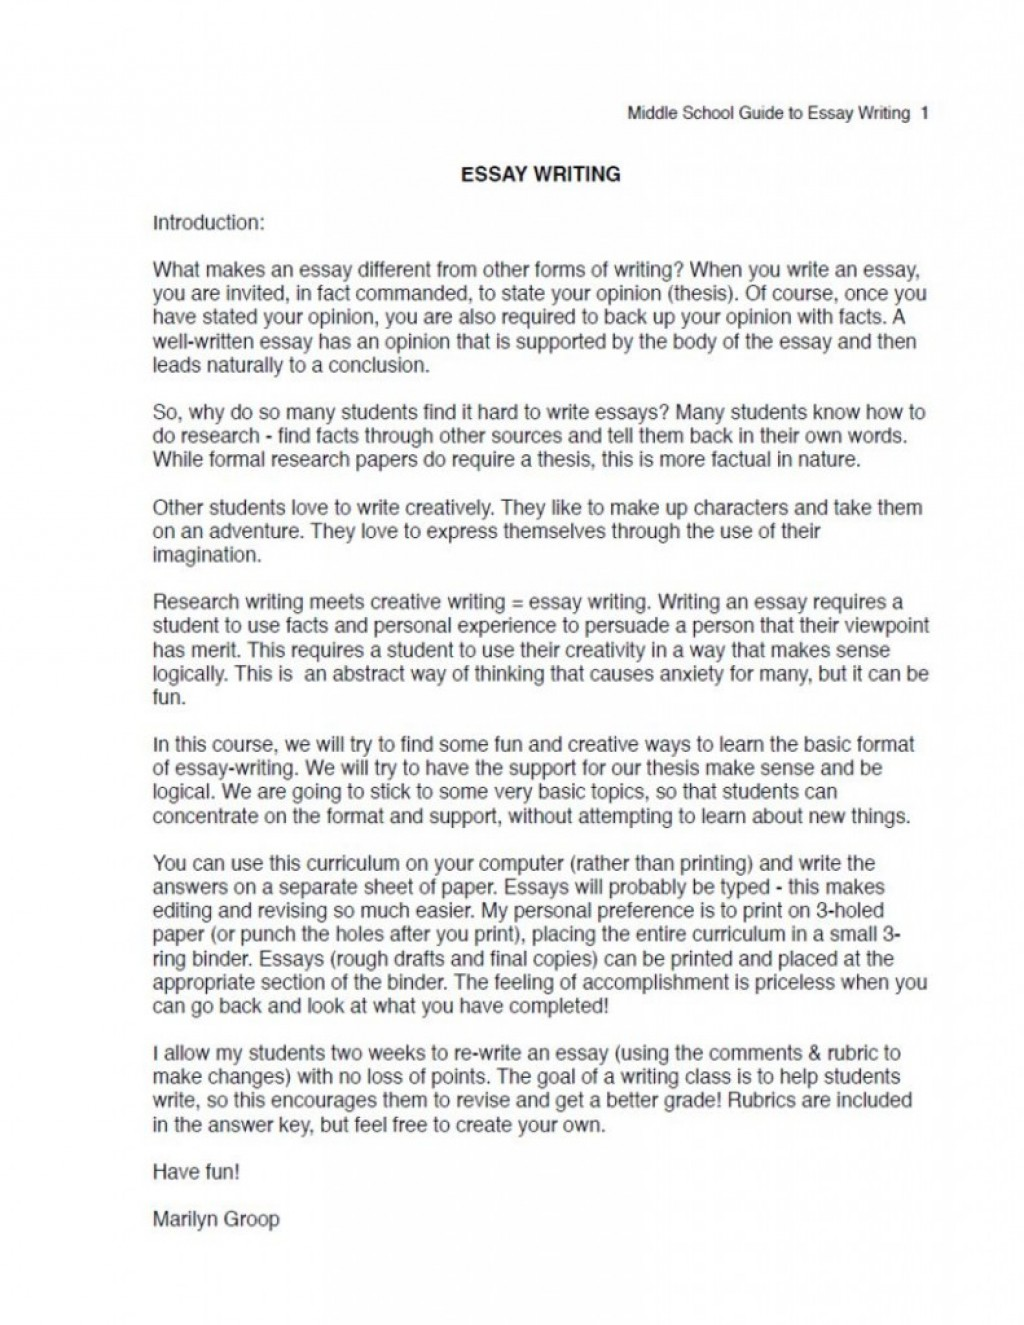 022 Njhs Essay Samples Ms Excerpt 791x1024 Wondrous Large